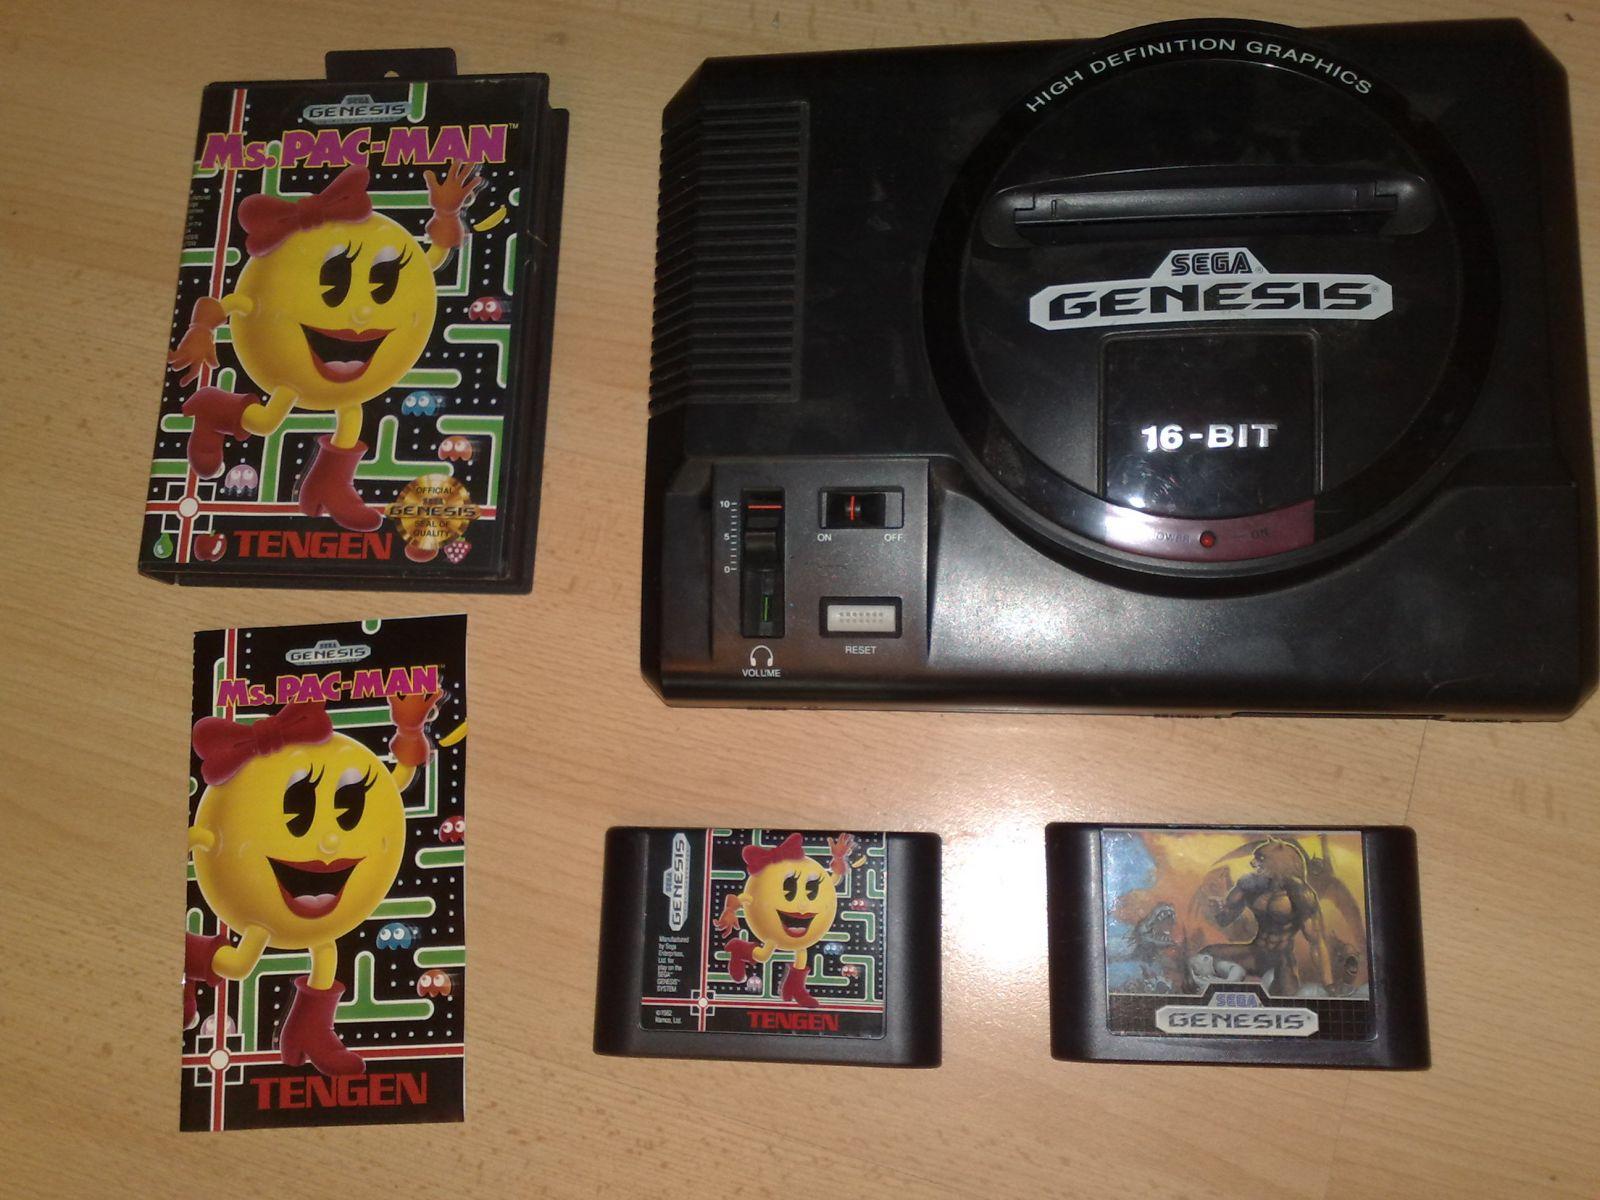 Sega Genesis Su Keliais Žaidimais